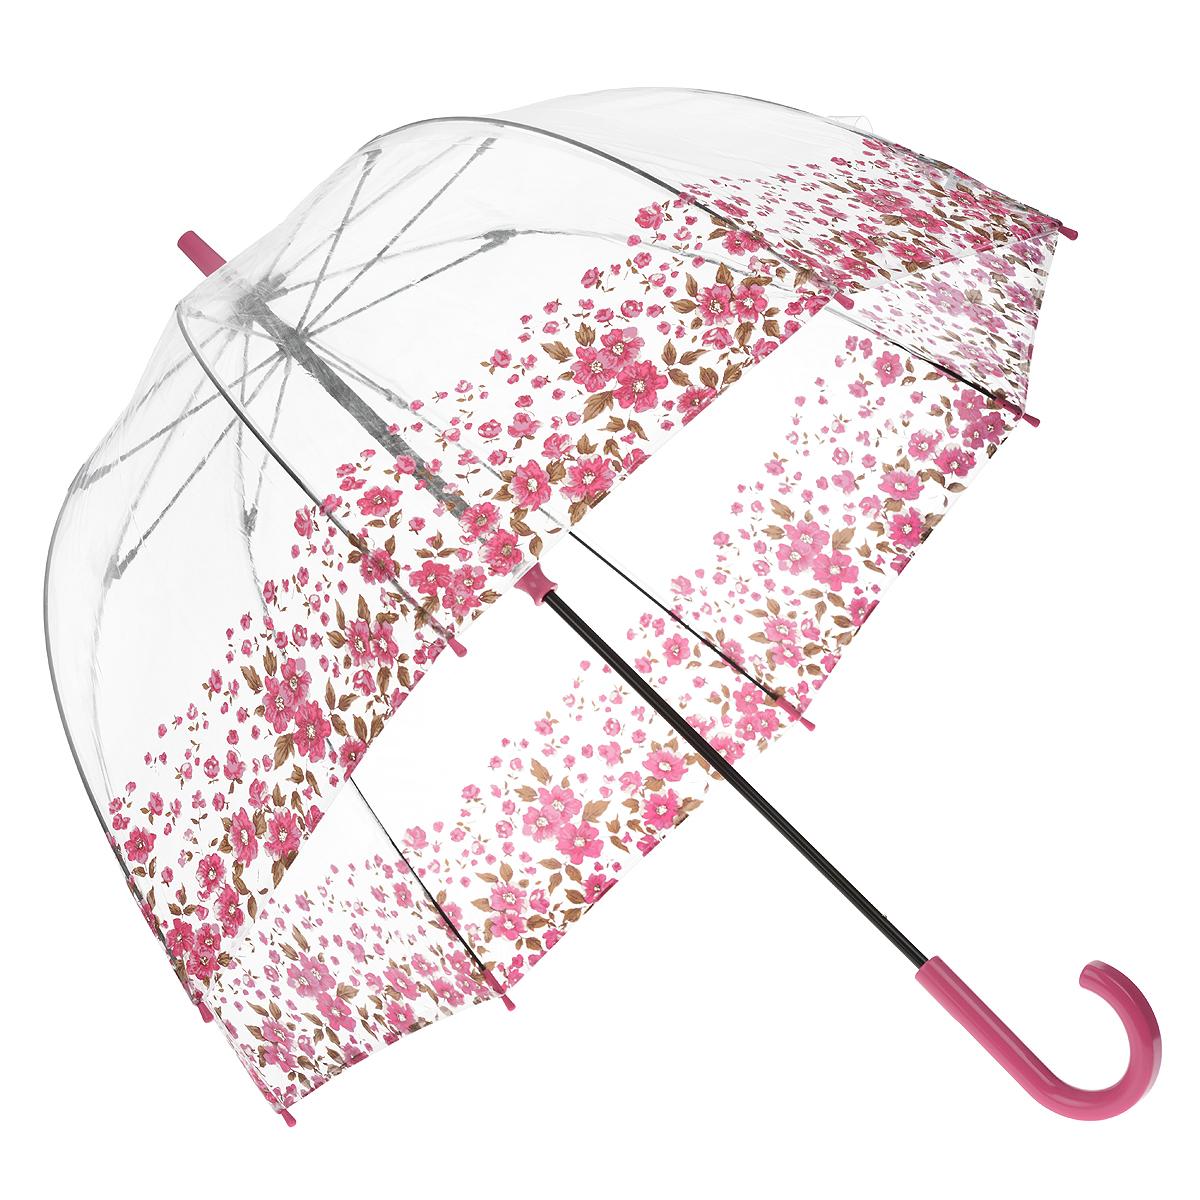 Зонт-трость женский Floral Border, механический, цвет: розовыйL042 3F2643Стильный куполообразный зонт-трость Floral Border, закрывающий голову и плечи, даже в ненастную погоду позволит вам оставаться элегантной. Каркас зонта выполнен из 8 спиц из фибергласса, стержень изготовлен из стали. Купол зонта выполнен из прозрачного ПВХ и оформлен цветочным узором. Рукоятка закругленной формы разработана с учетом требований эргономики и изготовлена из пластика. Зонт имеет механический тип сложения: купол открывается и закрывается вручную до характерного щелчка. Такой зонт не только надежно защитит вас от дождя, но и станет стильным аксессуаром. Характеристики: Материал: ПВХ, сталь, фибергласс, пластик. Диаметр купола: 89 см. Цвет: розовый. Длина стержня зонта: 84 см. Длина зонта (в сложенном виде): 94 см. Вес: 540 г. Артикул: L042 3F2643.